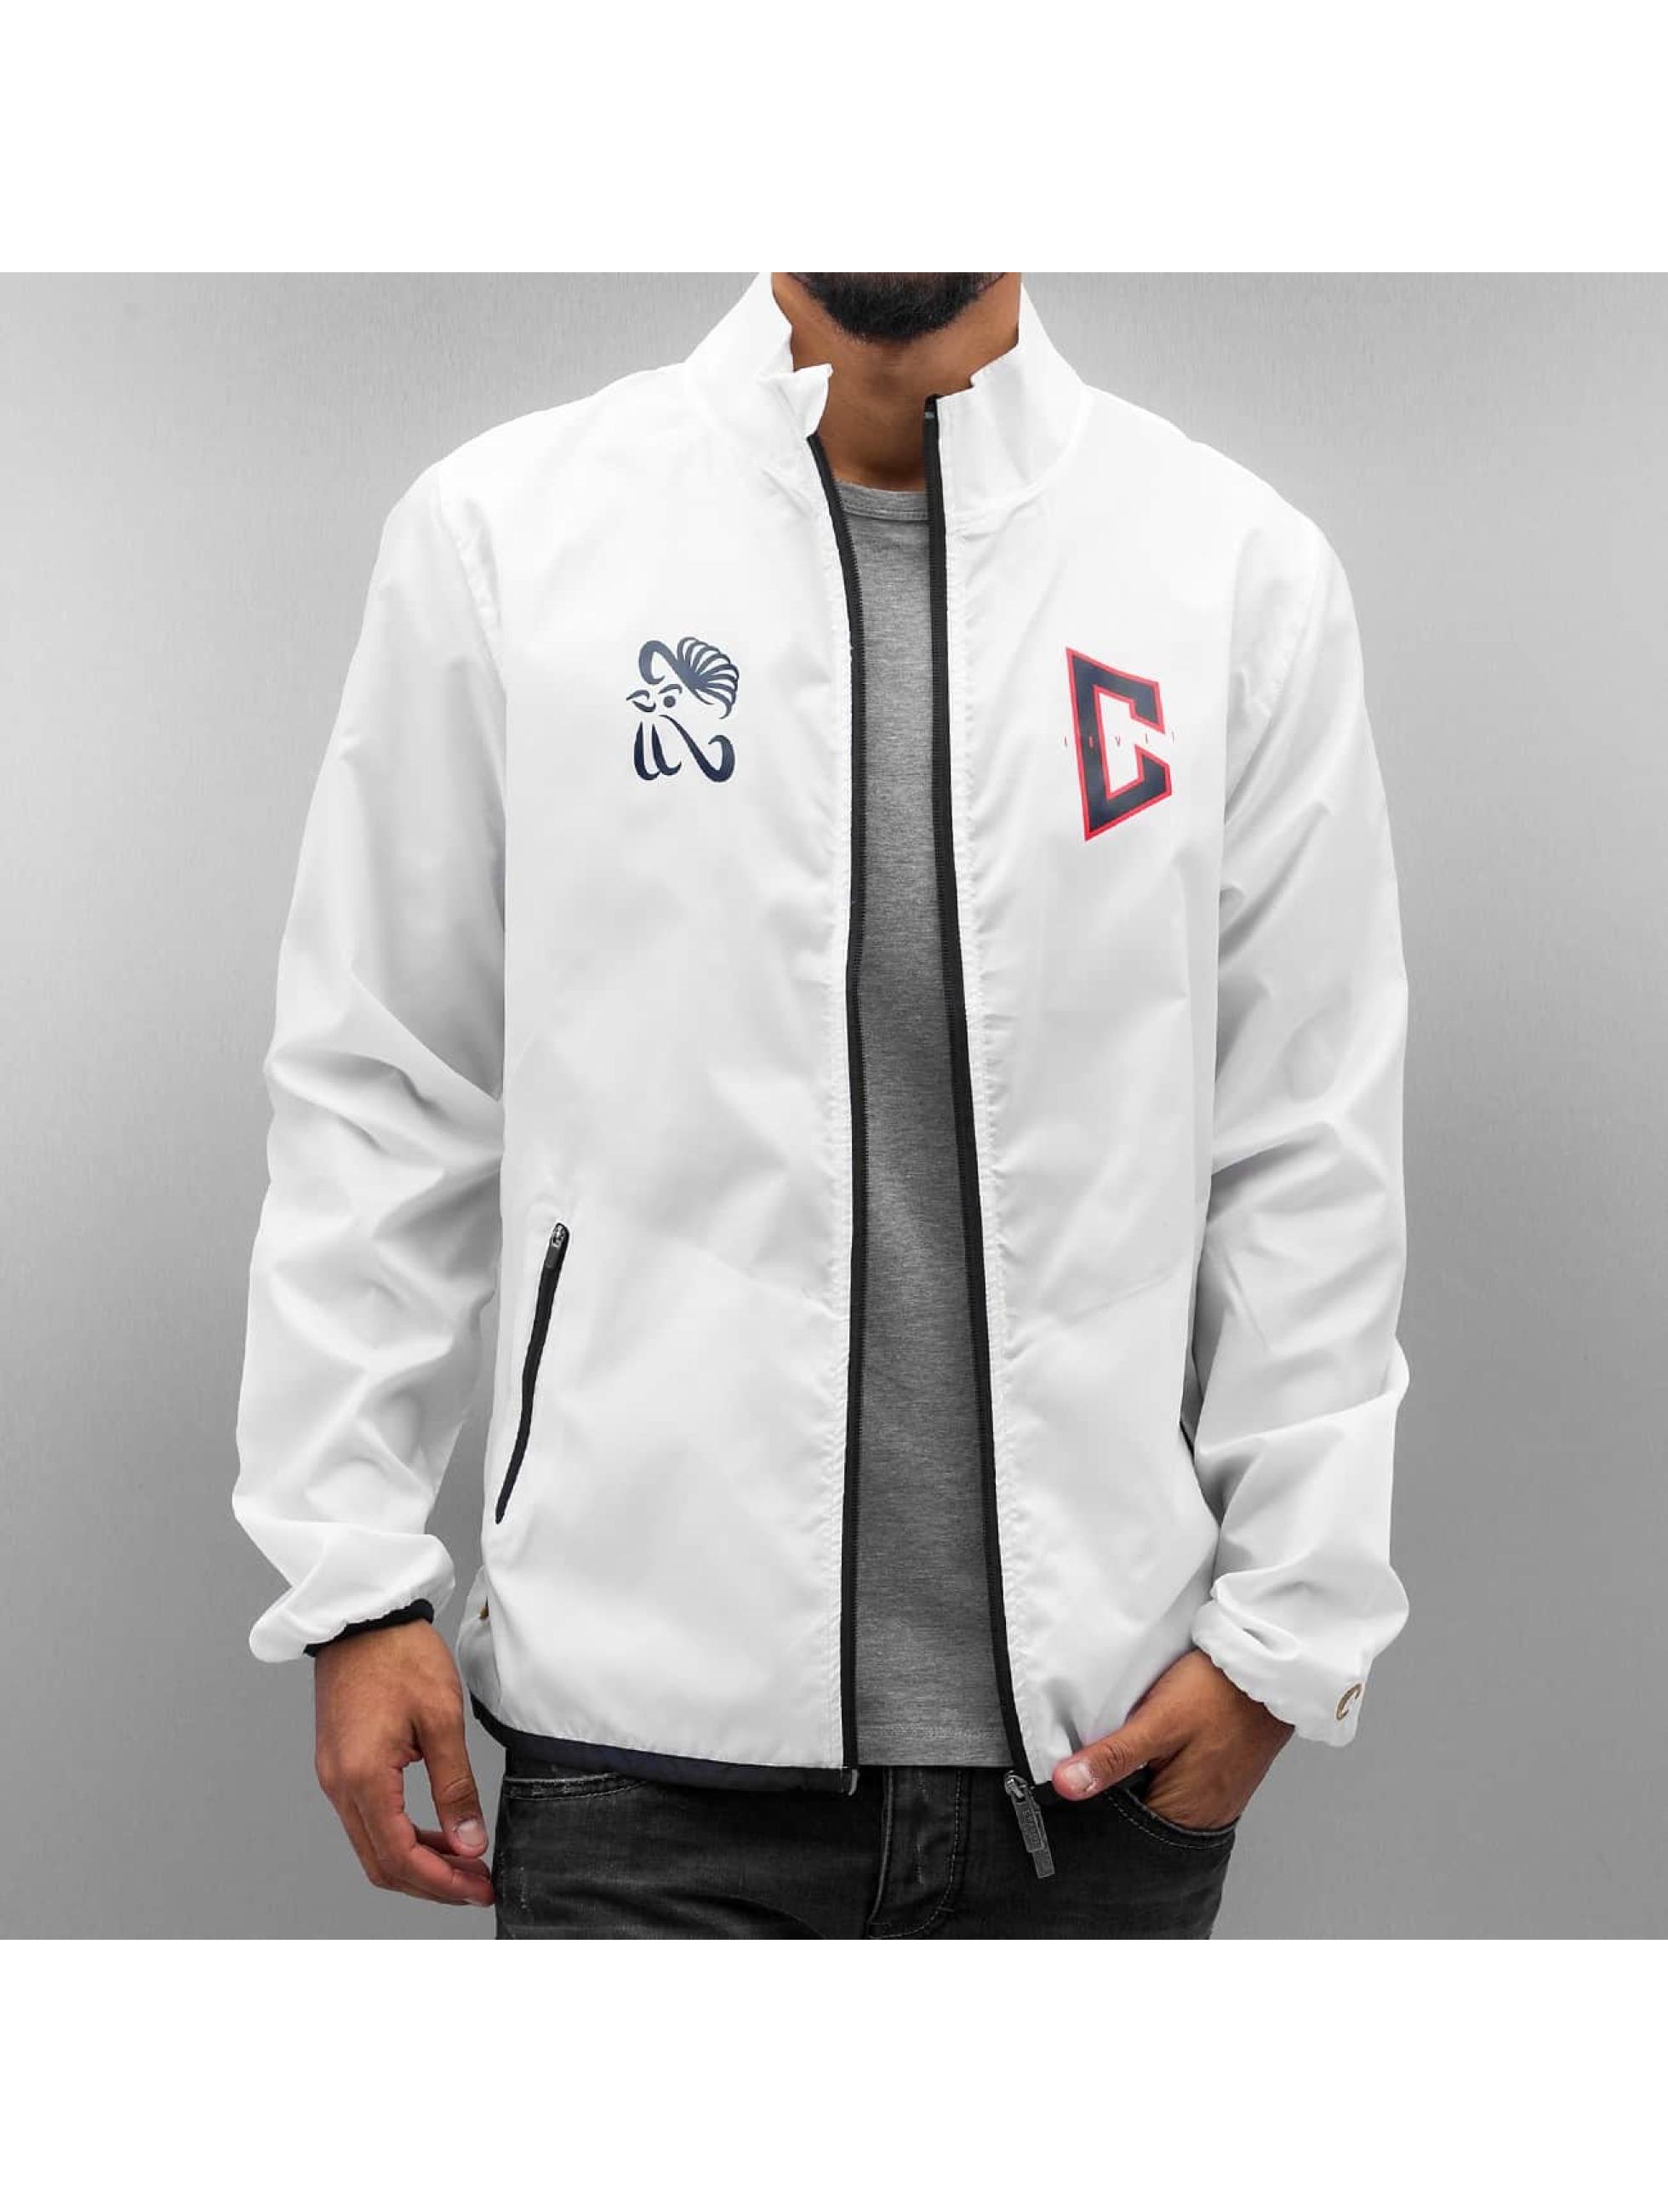 CHABOS IIVII Lightweight Jacket Athletics Lightweight white